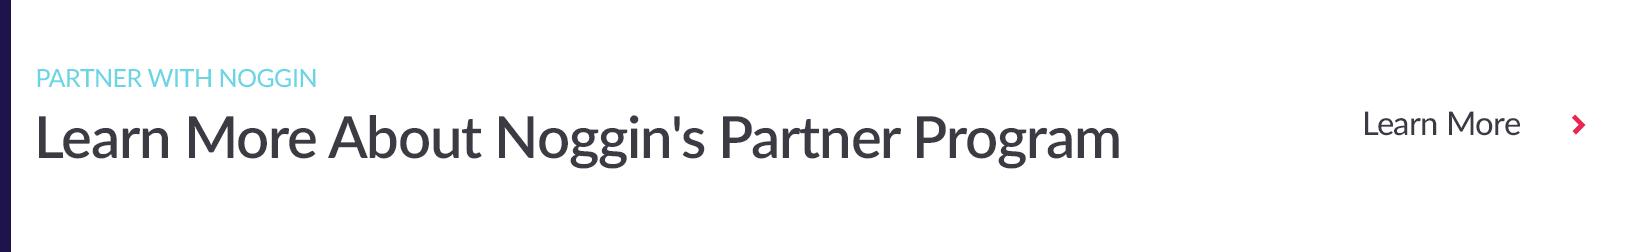 Learn More About Noggin's Partner Program Link